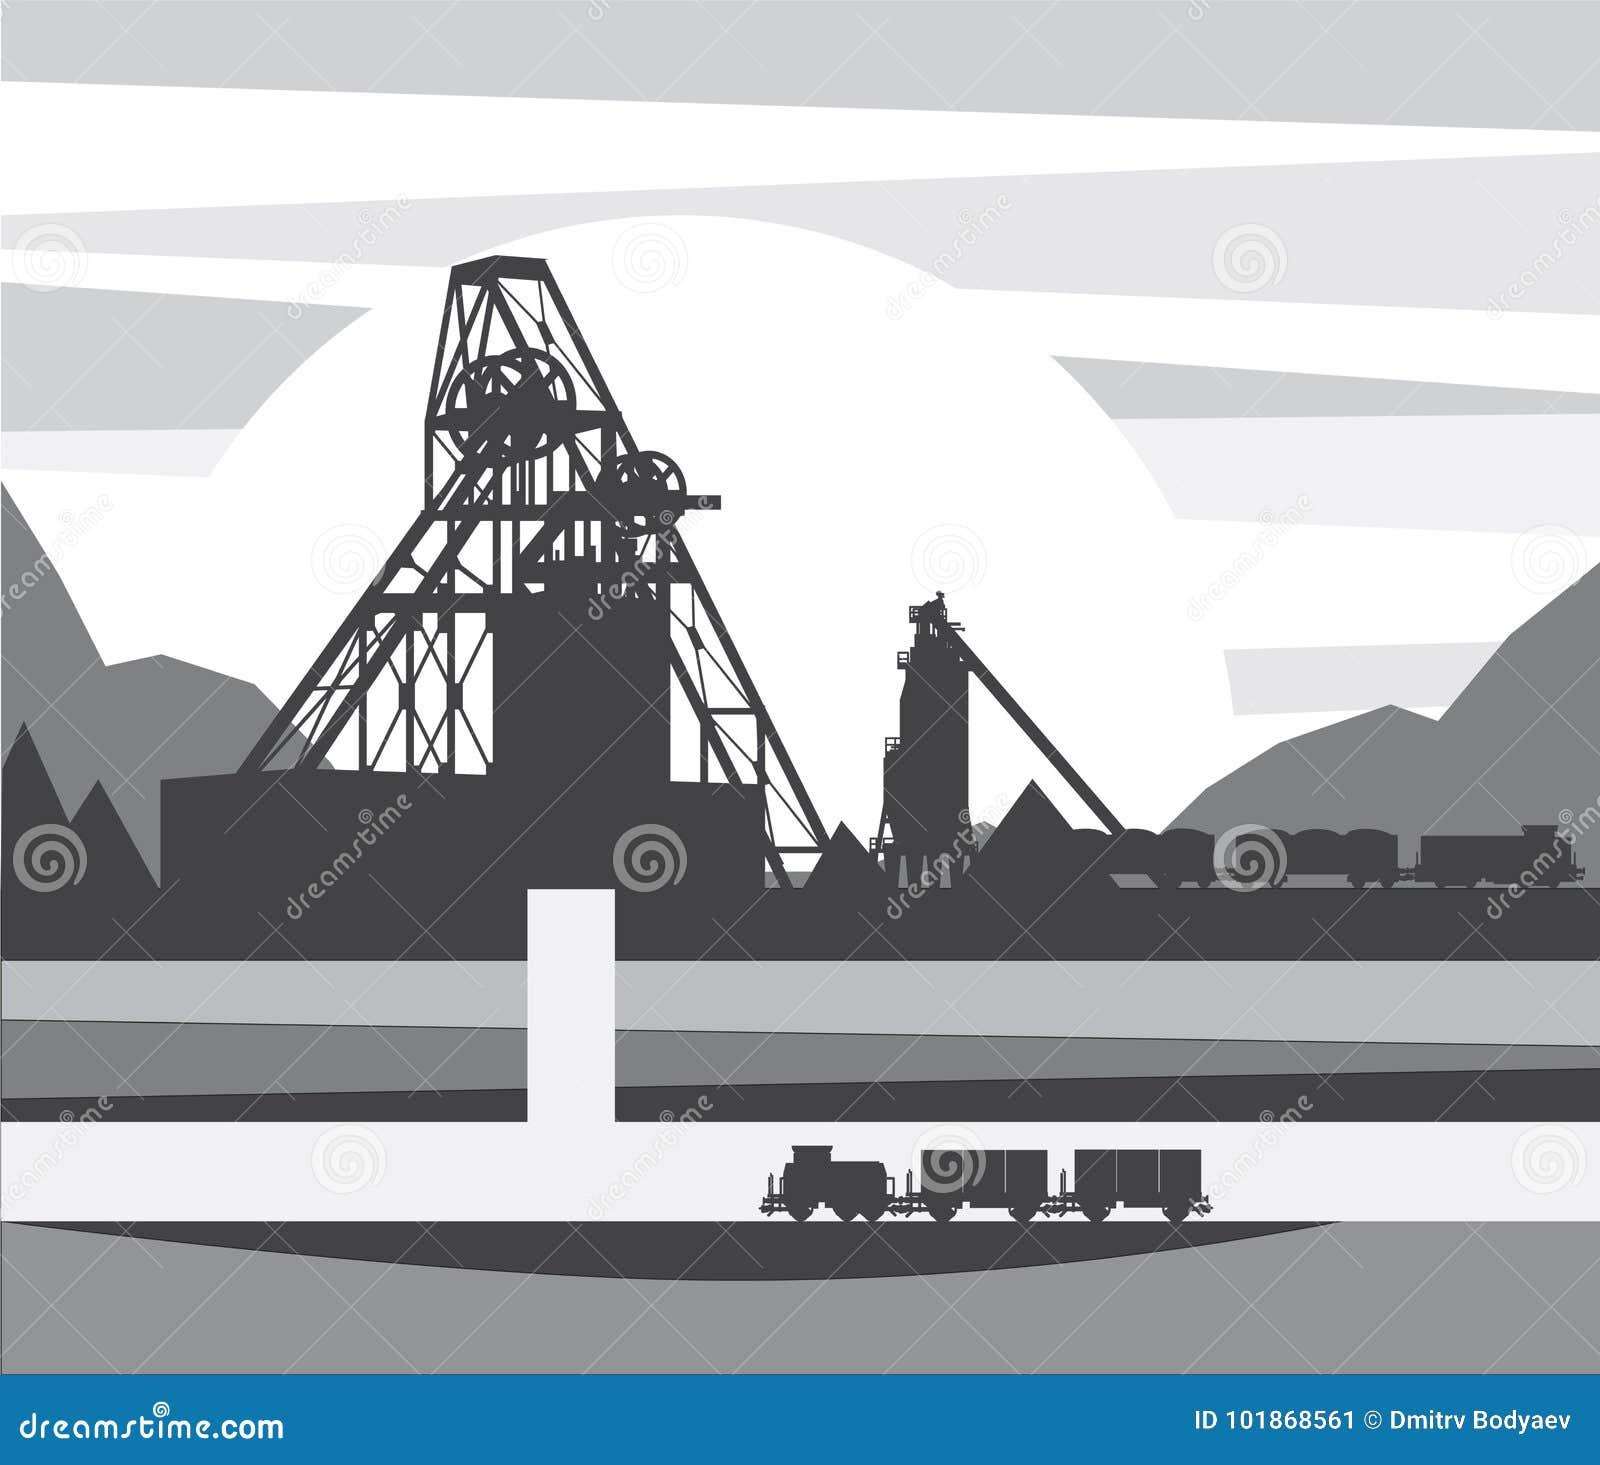 Το ορυχείο είναι στην περικοπή, απεικόνιση